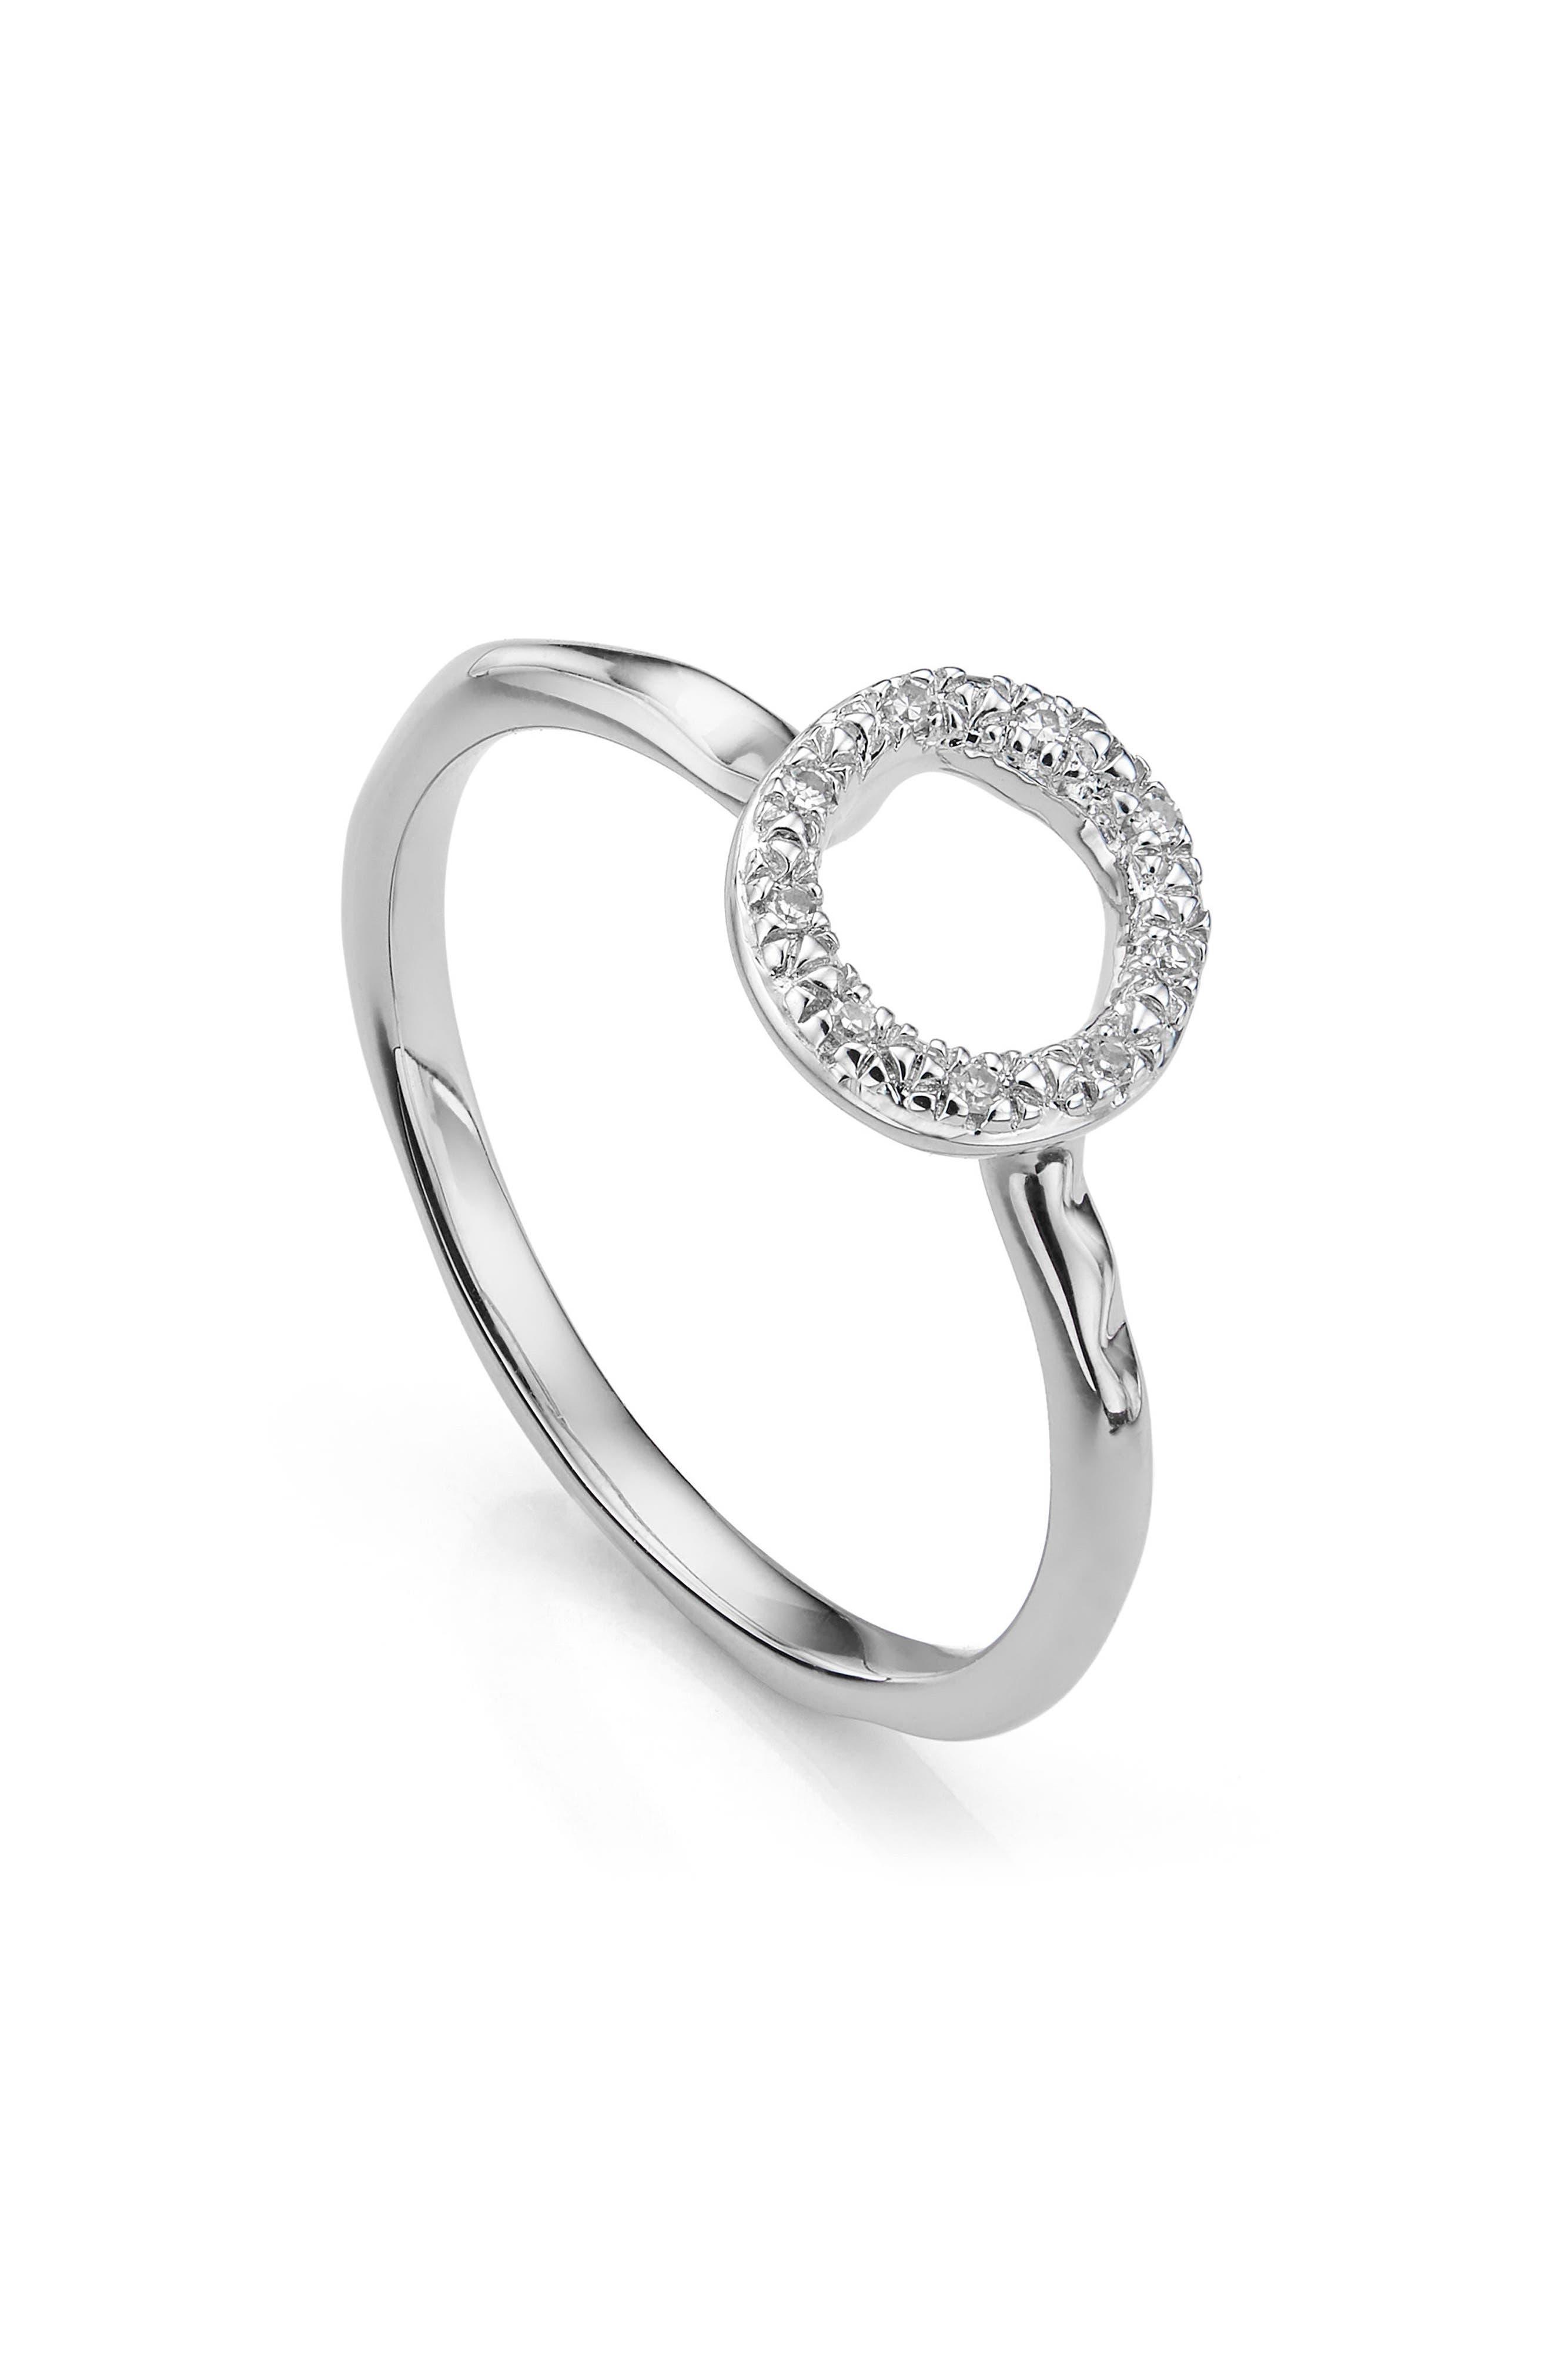 Riva Diamond Mini Circle Ring,                             Alternate thumbnail 2, color,                             SILVER/ DIAMOND